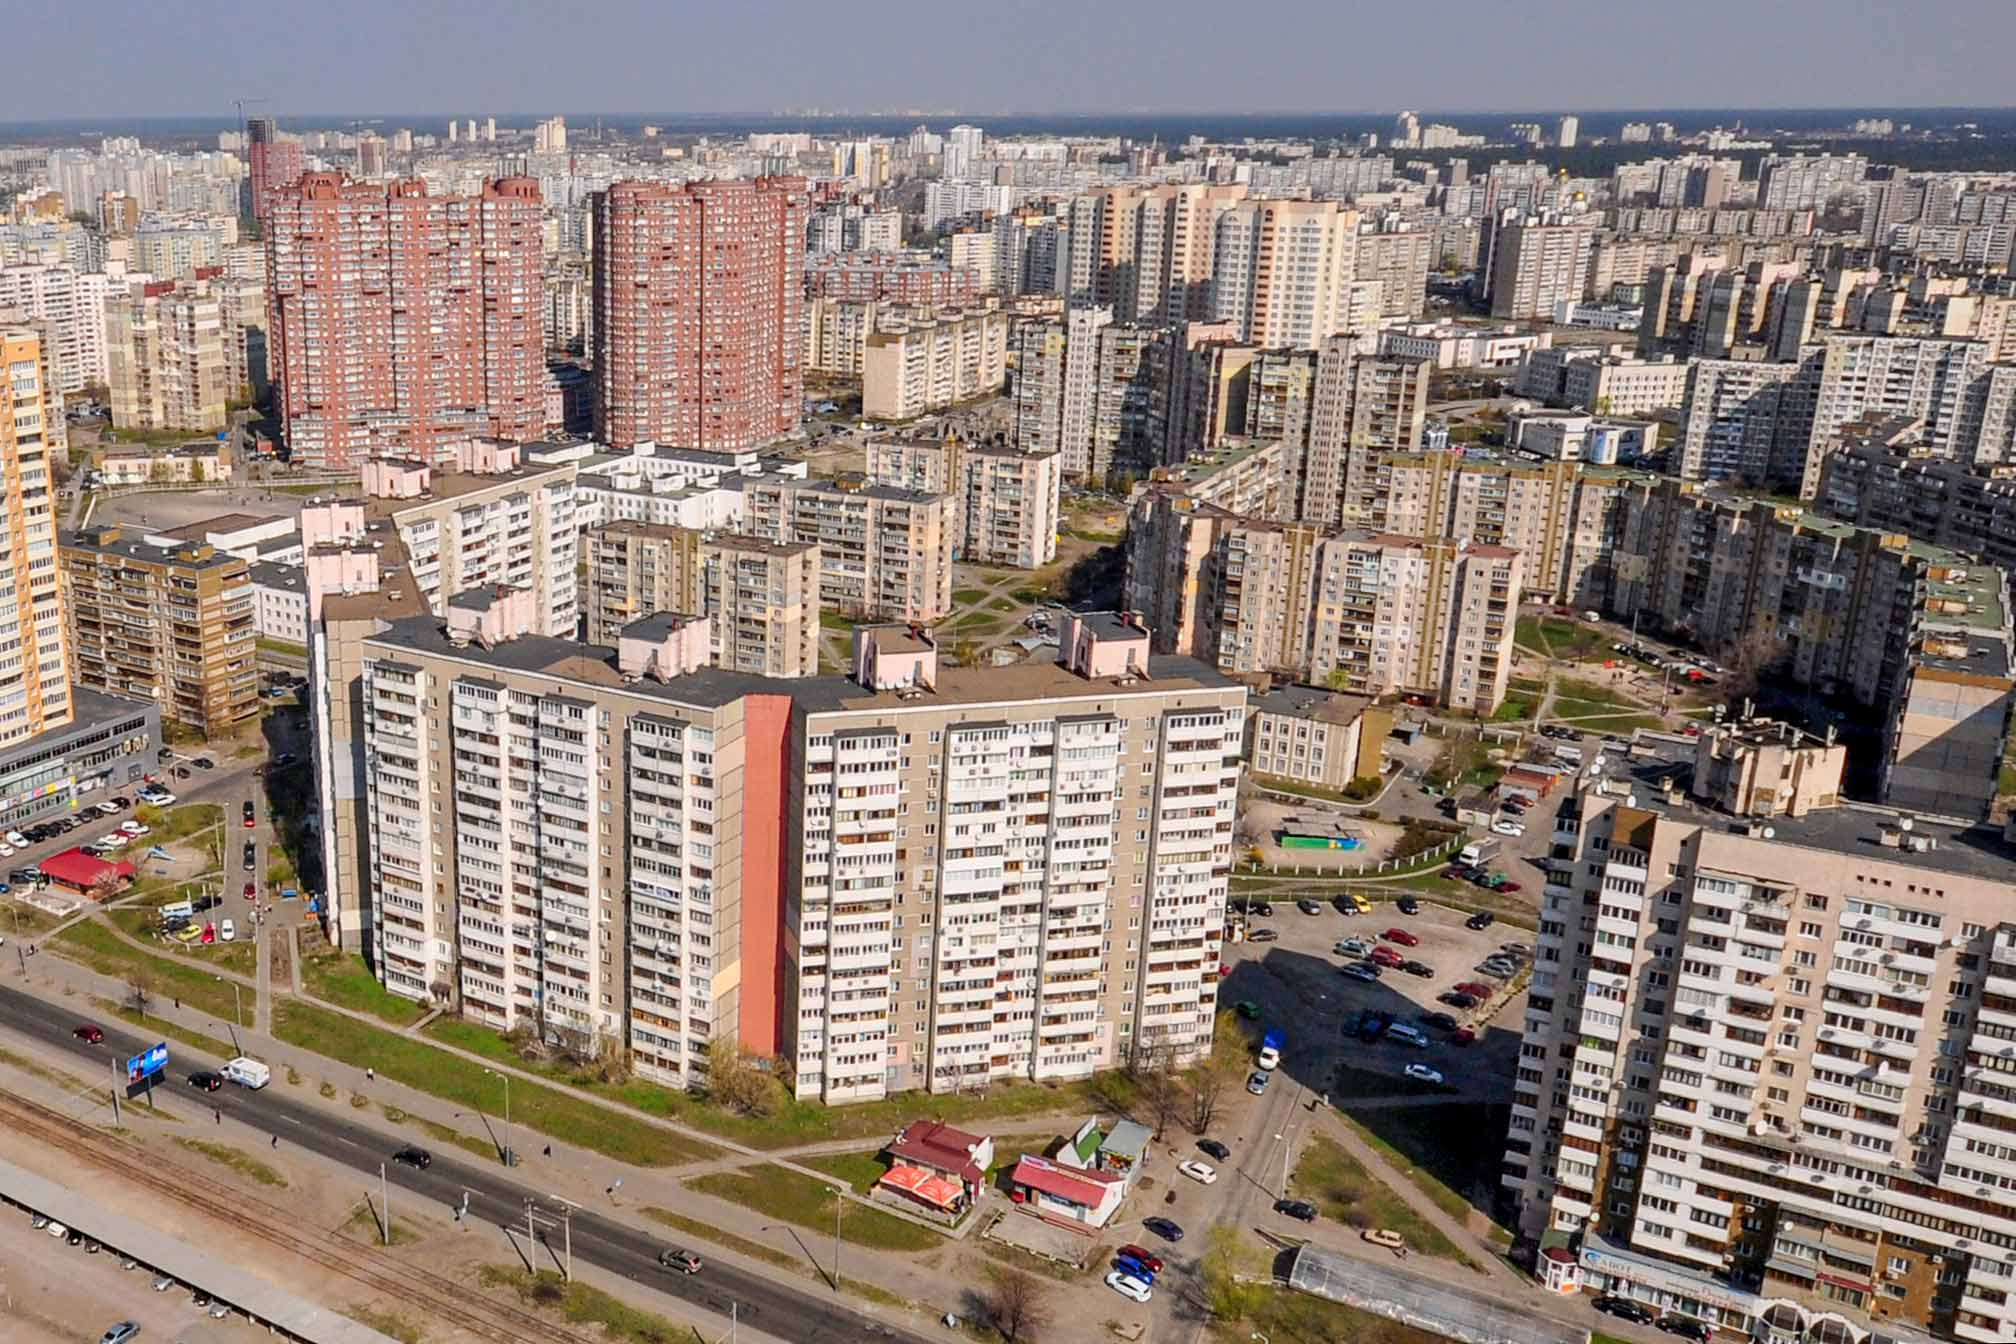 poznyak - <b>Заради масового житла в Києві знищили десятки поселень.</b> Розповідаємо, як це було - Заборона